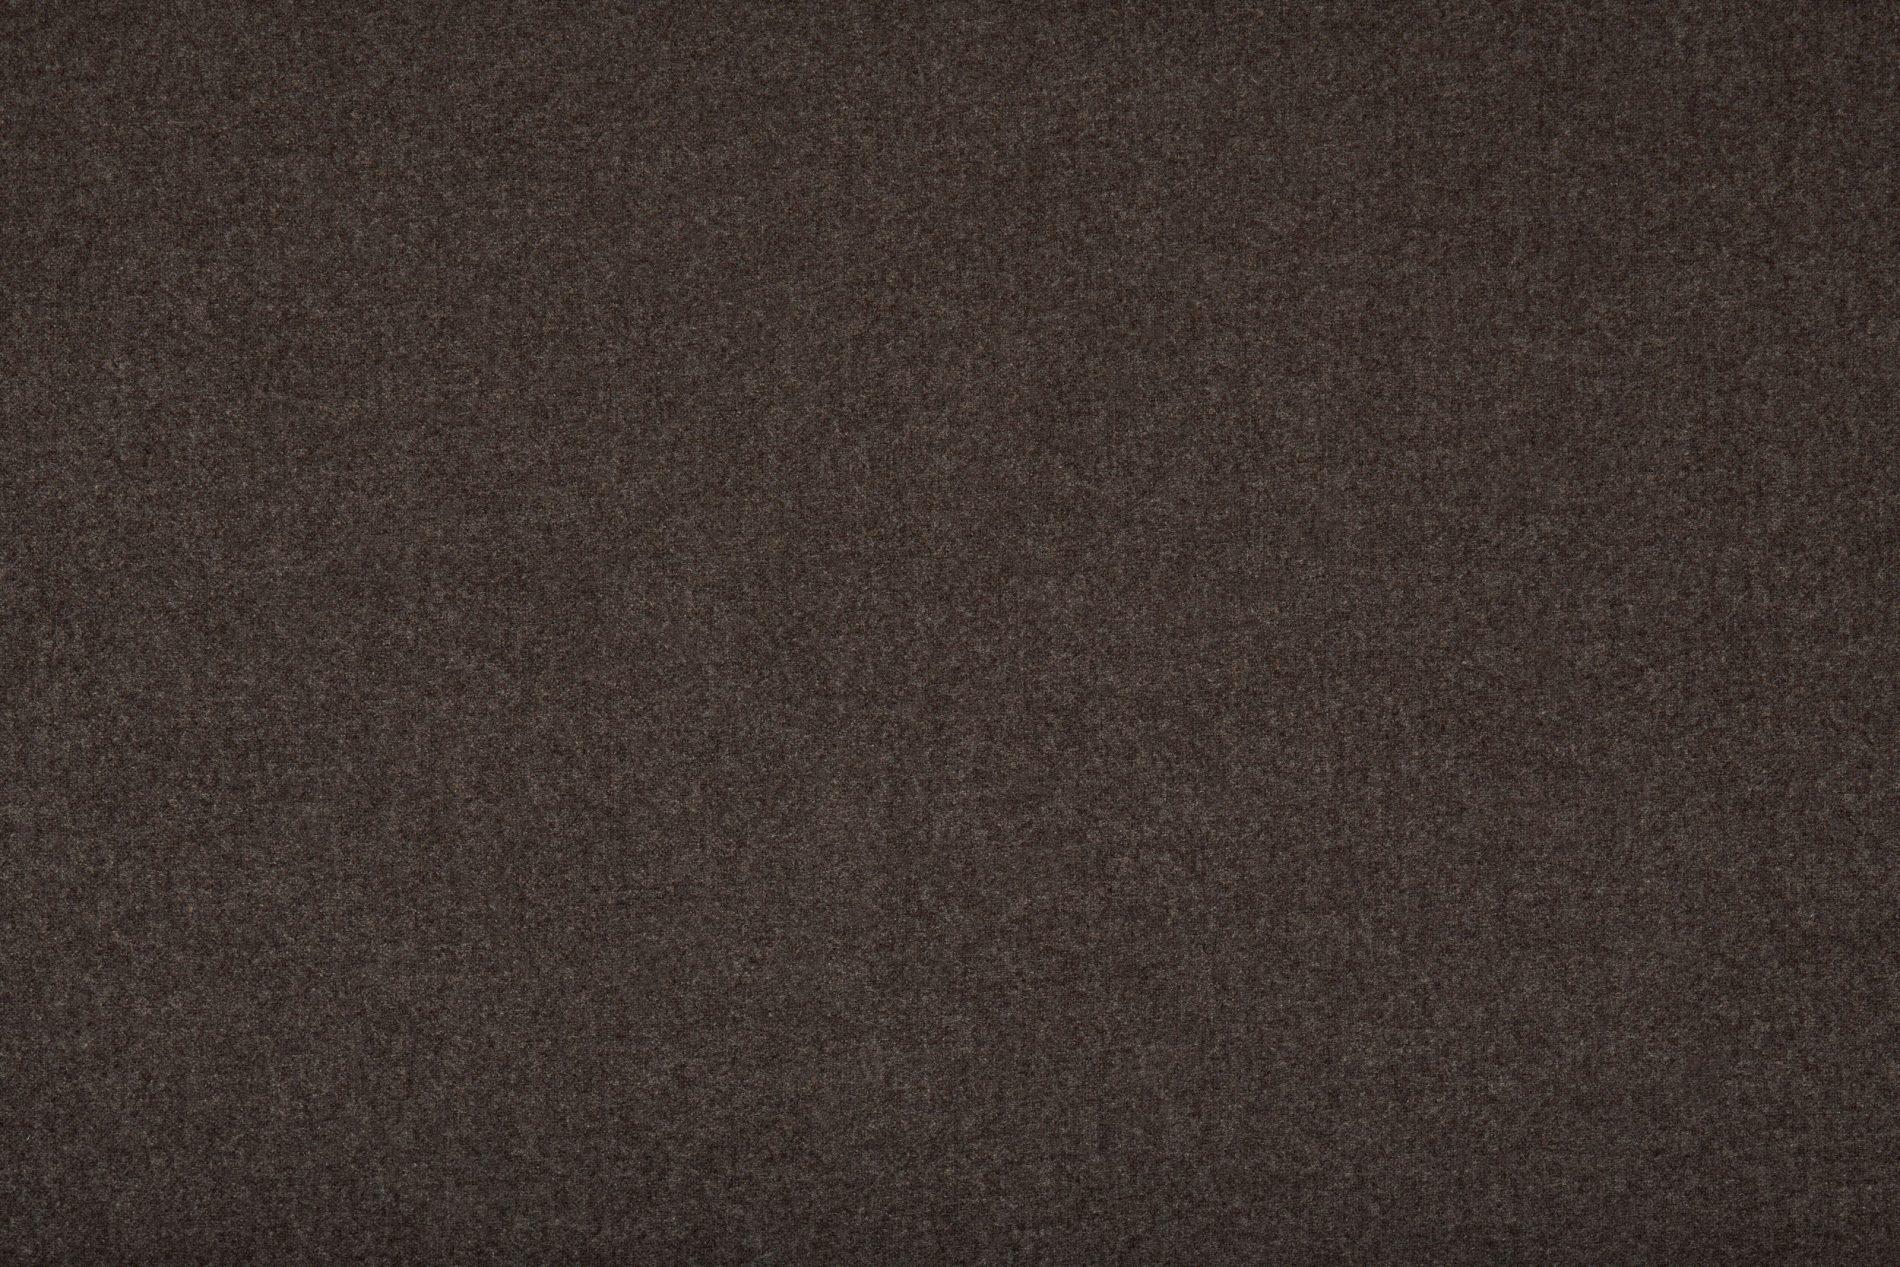 PURE 360 Plain Merino wool (19/5004)